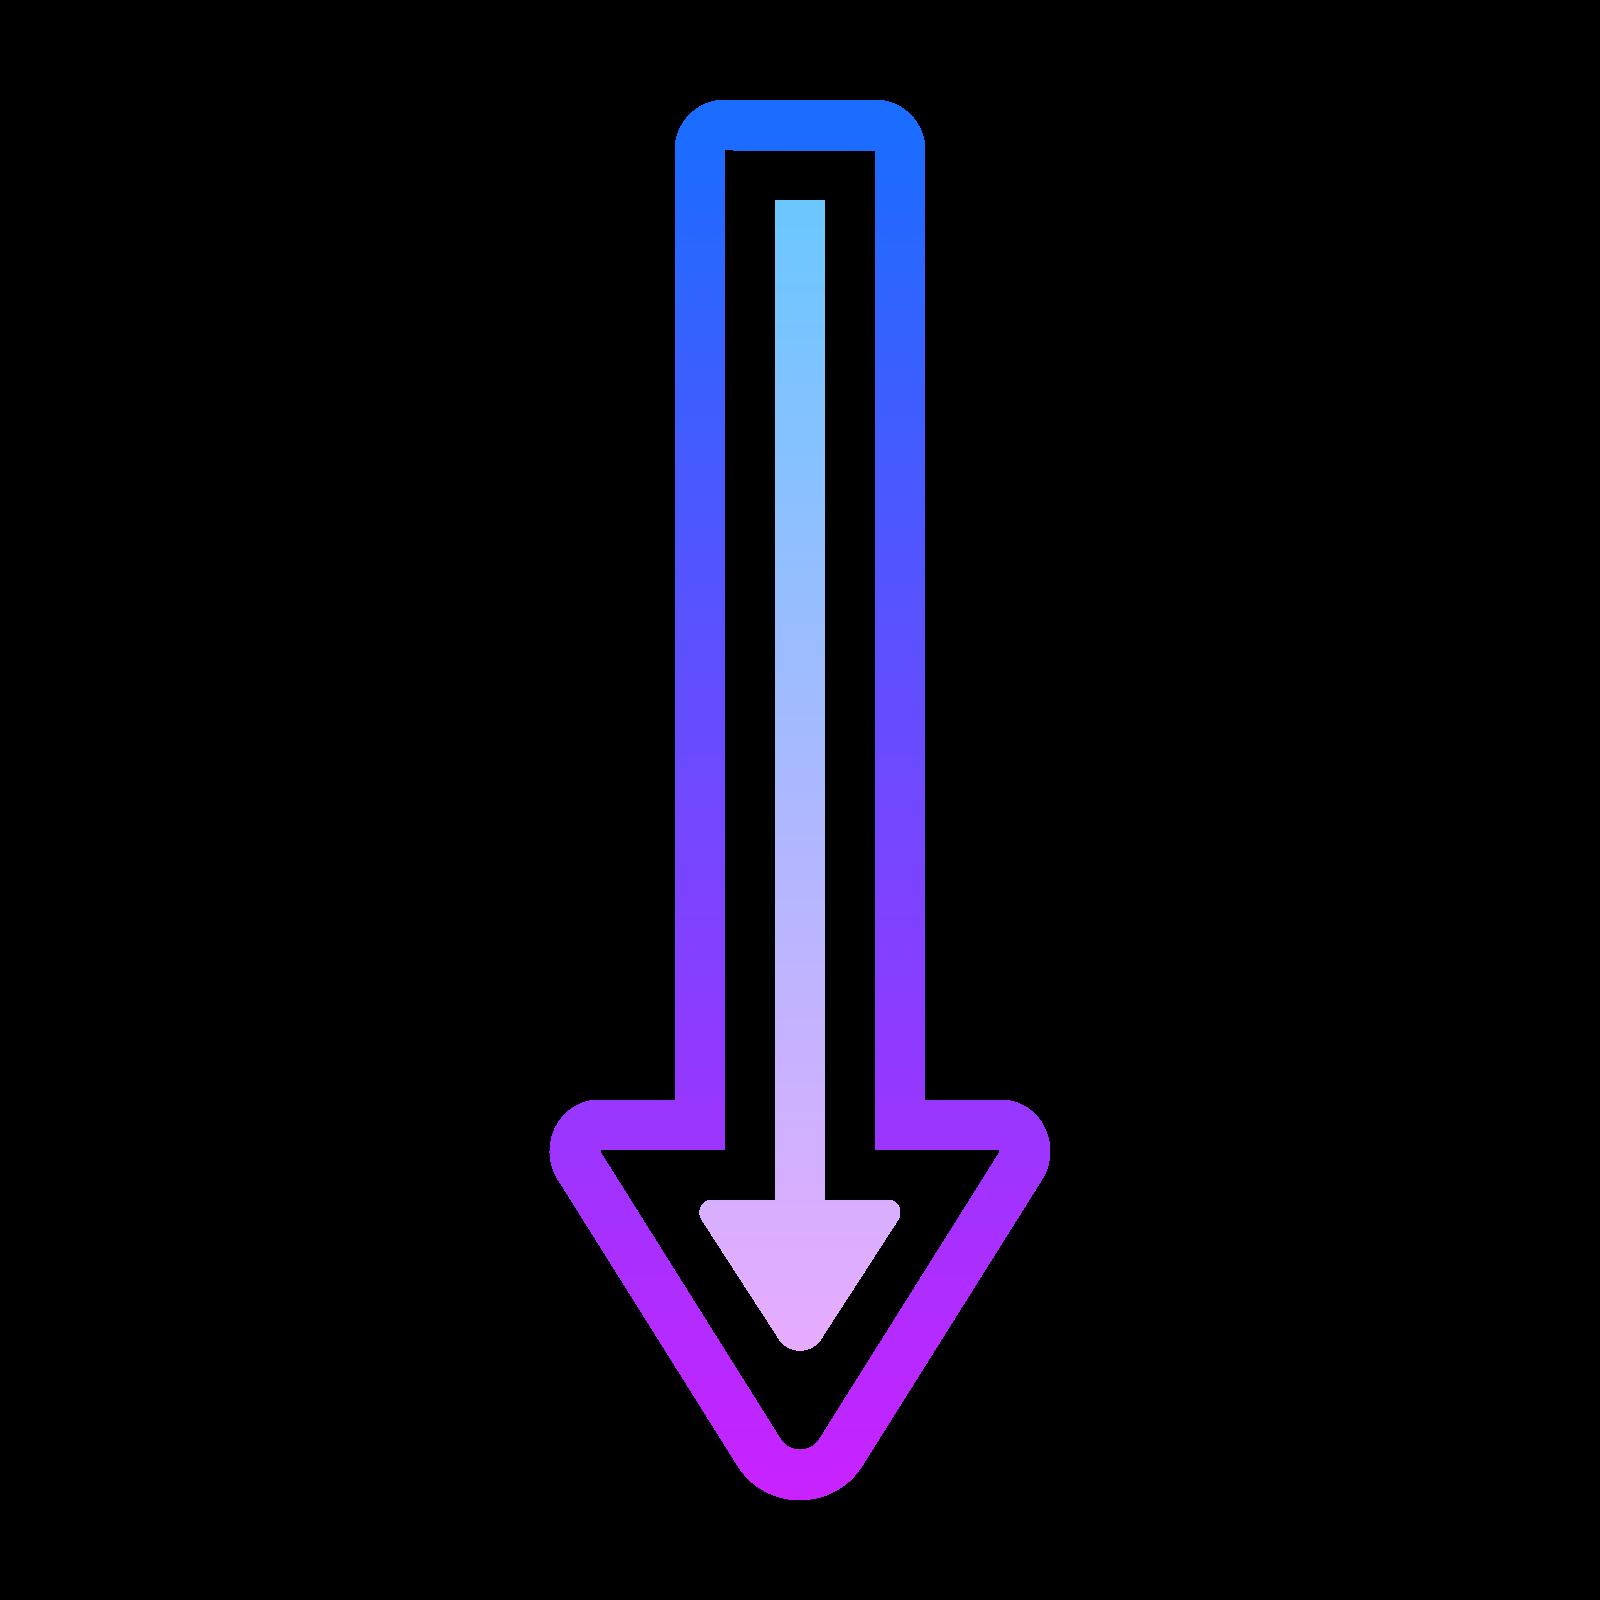 Długa Strzałka w dół icon